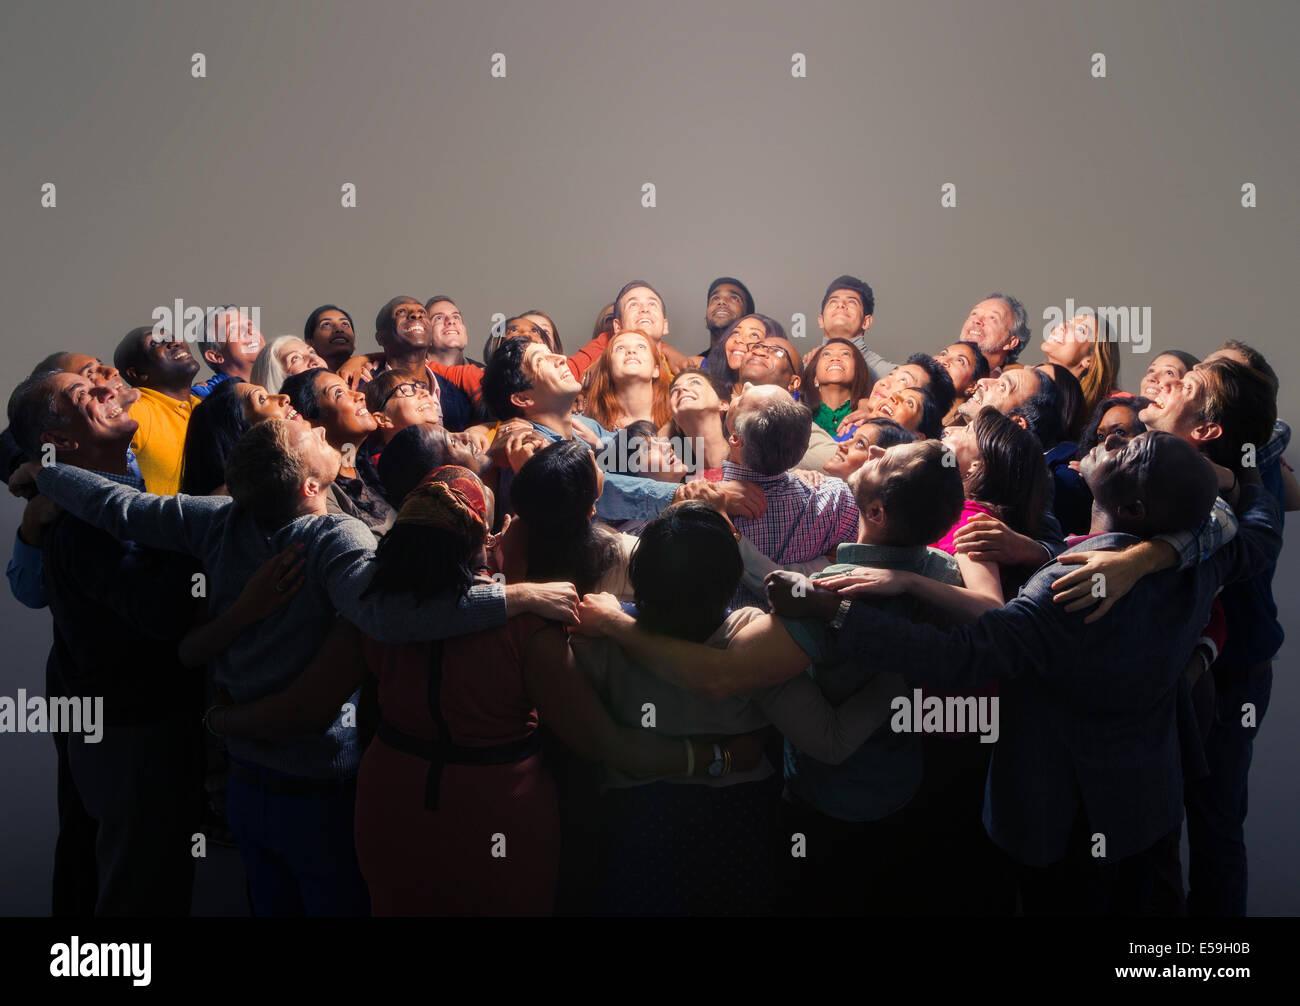 Foule diversifiée autour de la lumière vive Photo Stock